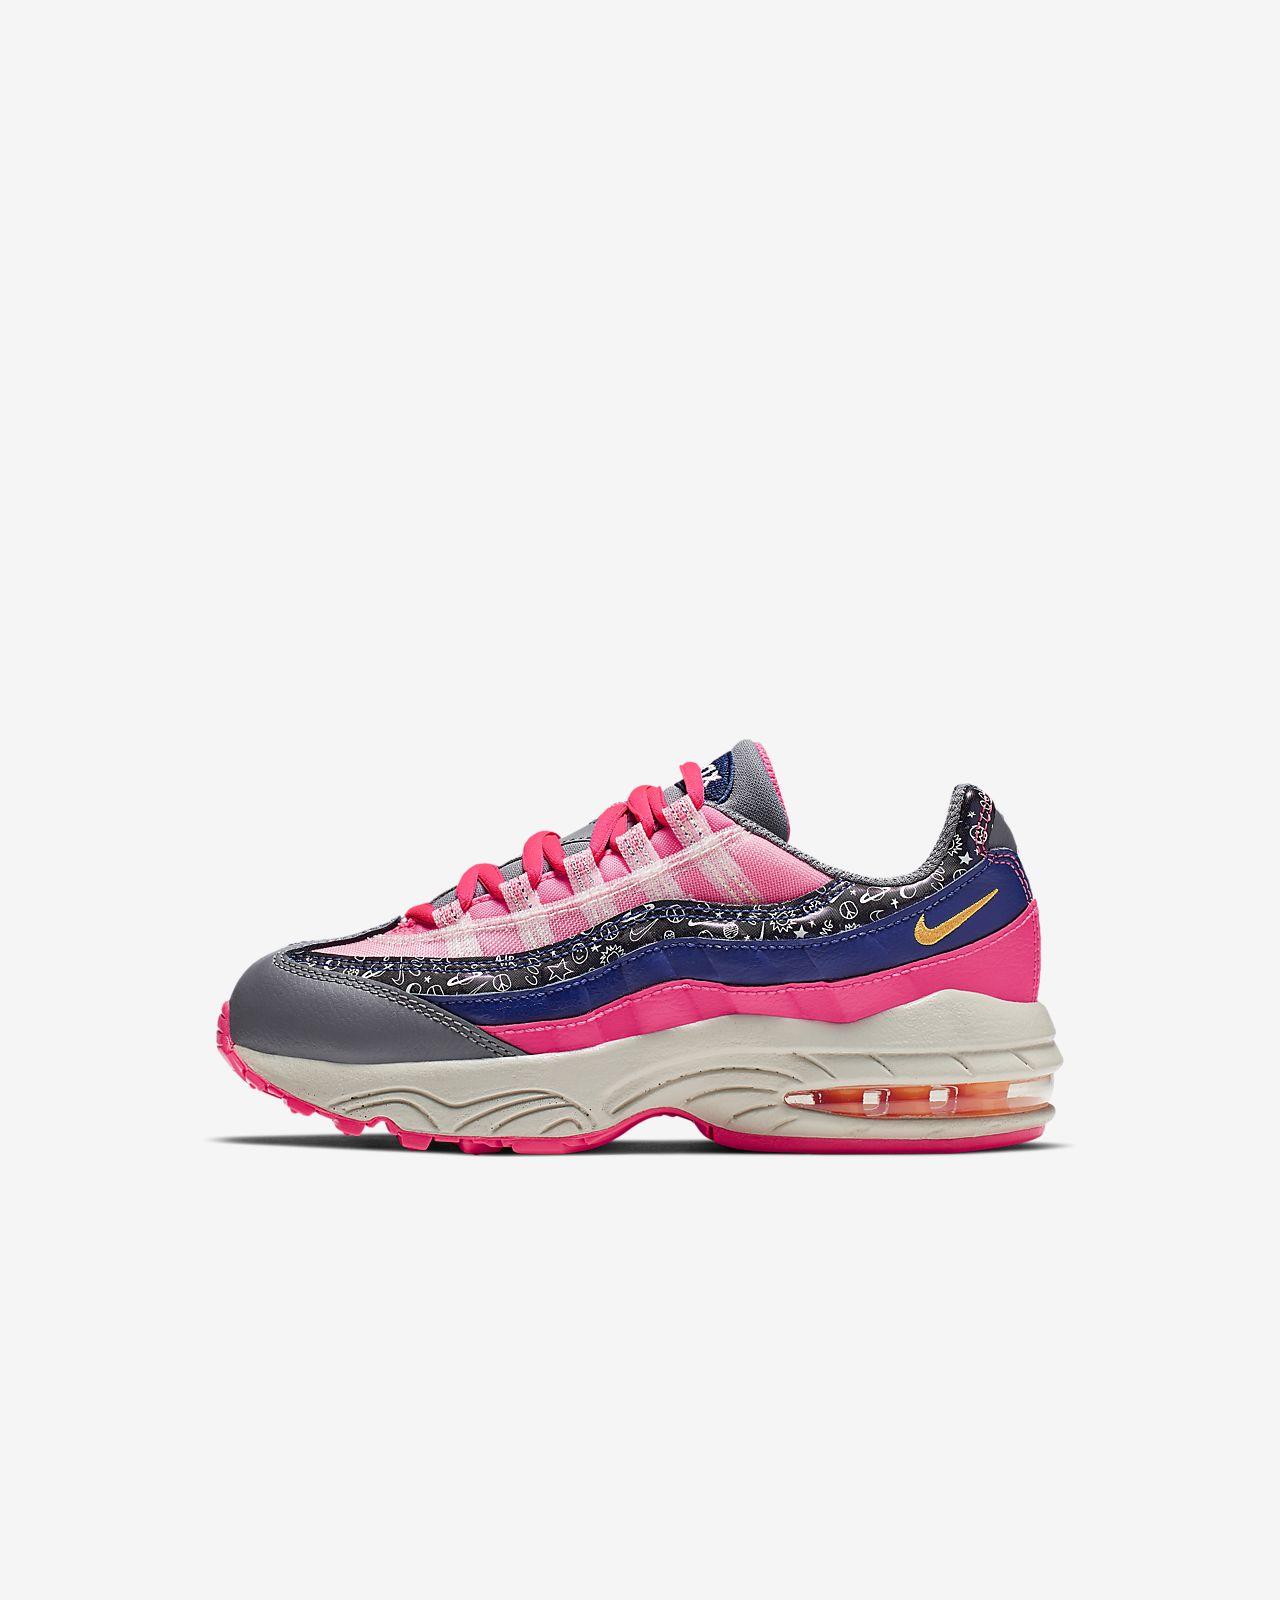 best cheap 92648 59d0f ... Nike Air Max 95 Little Kids  Shoe